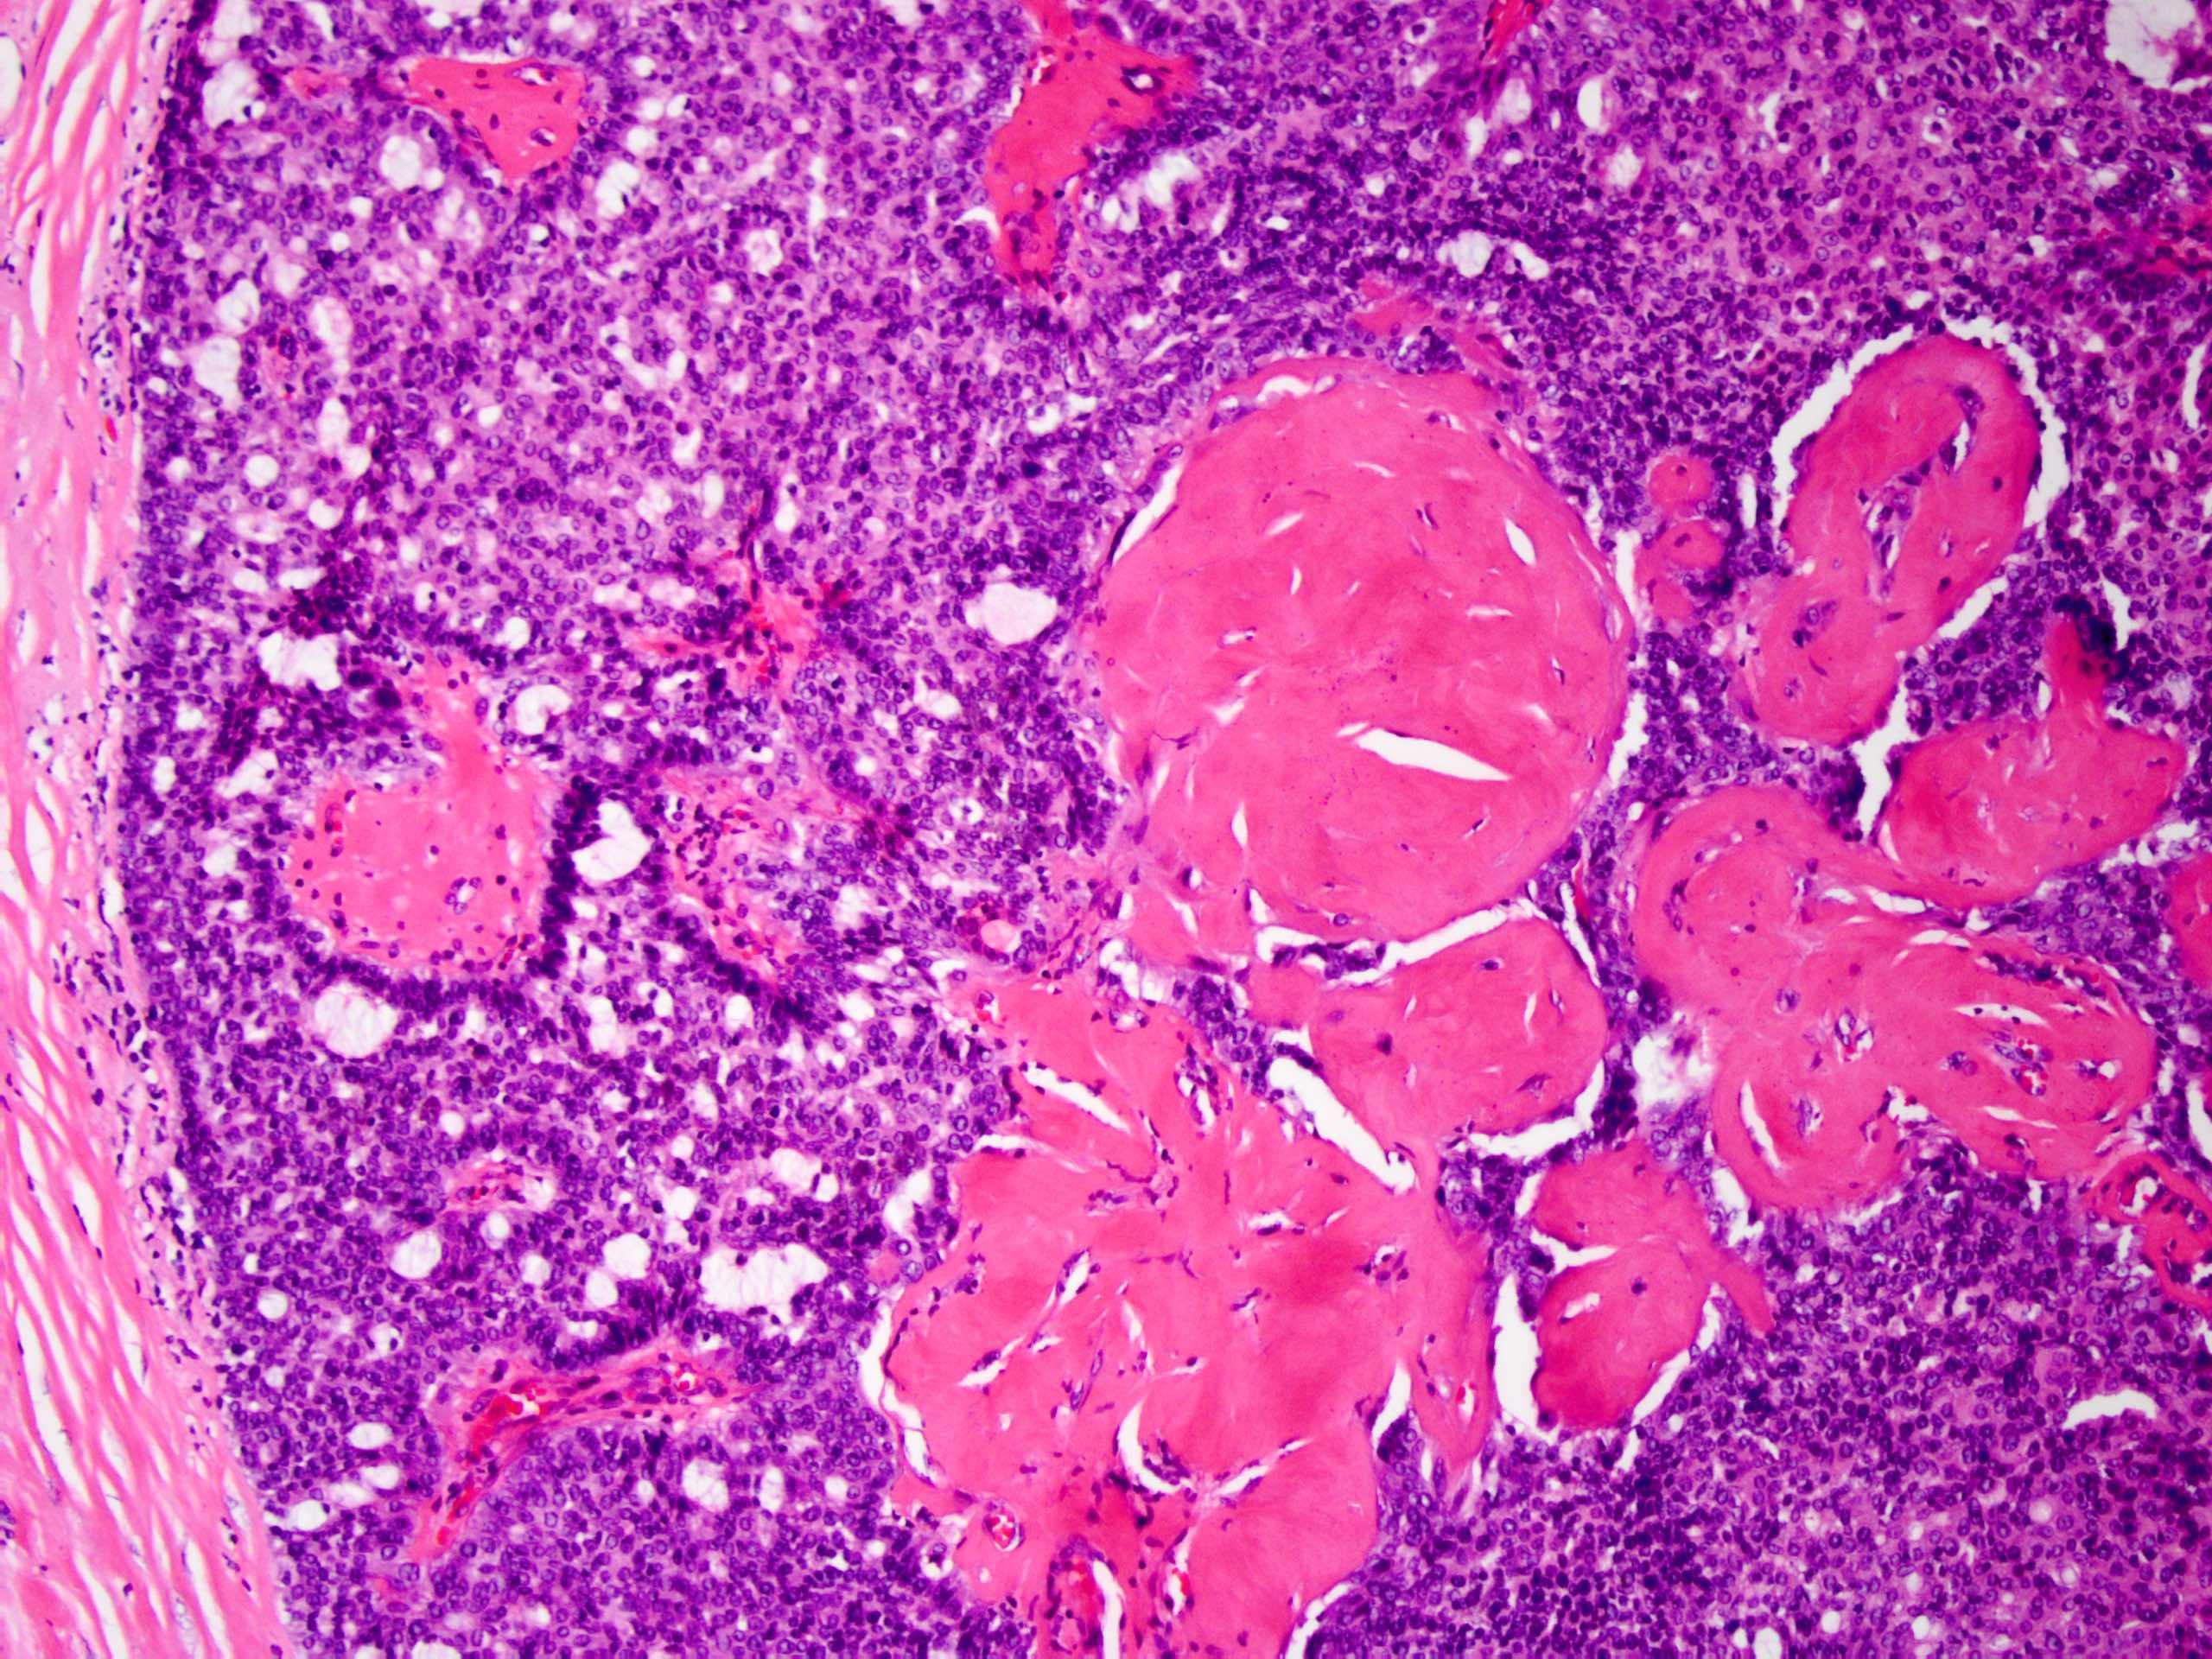 intraductalis papilloma apokrin metaplasiával milyen férgei vannak az embereknek a kis fehérjékhez